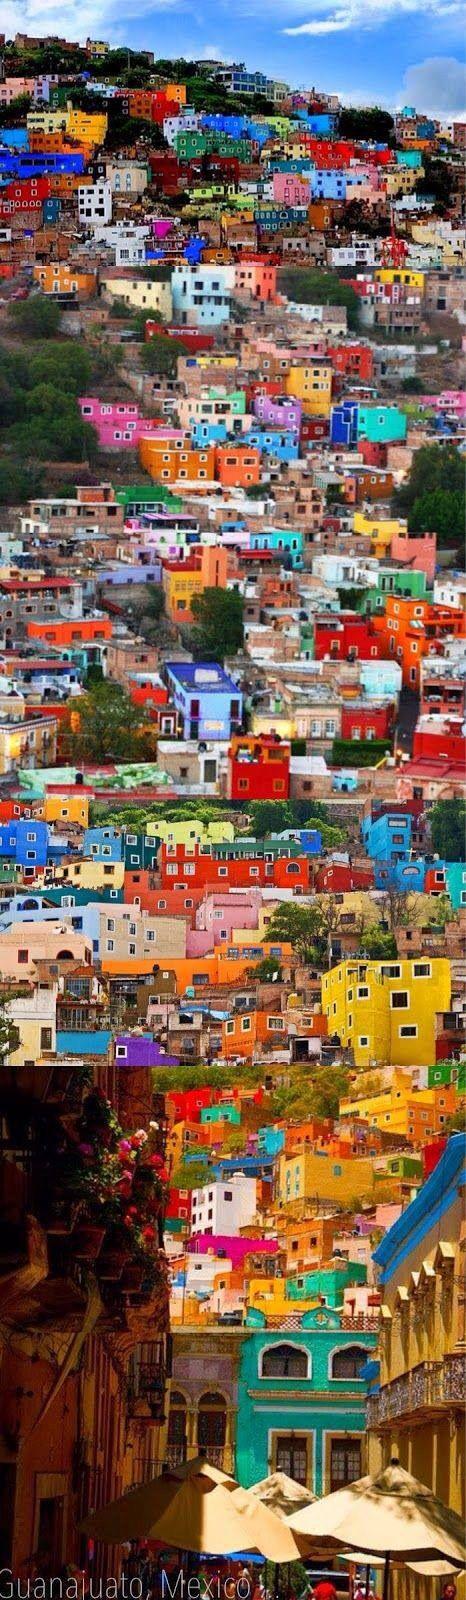 Mexico - kleurrijk - regenboogkleuren